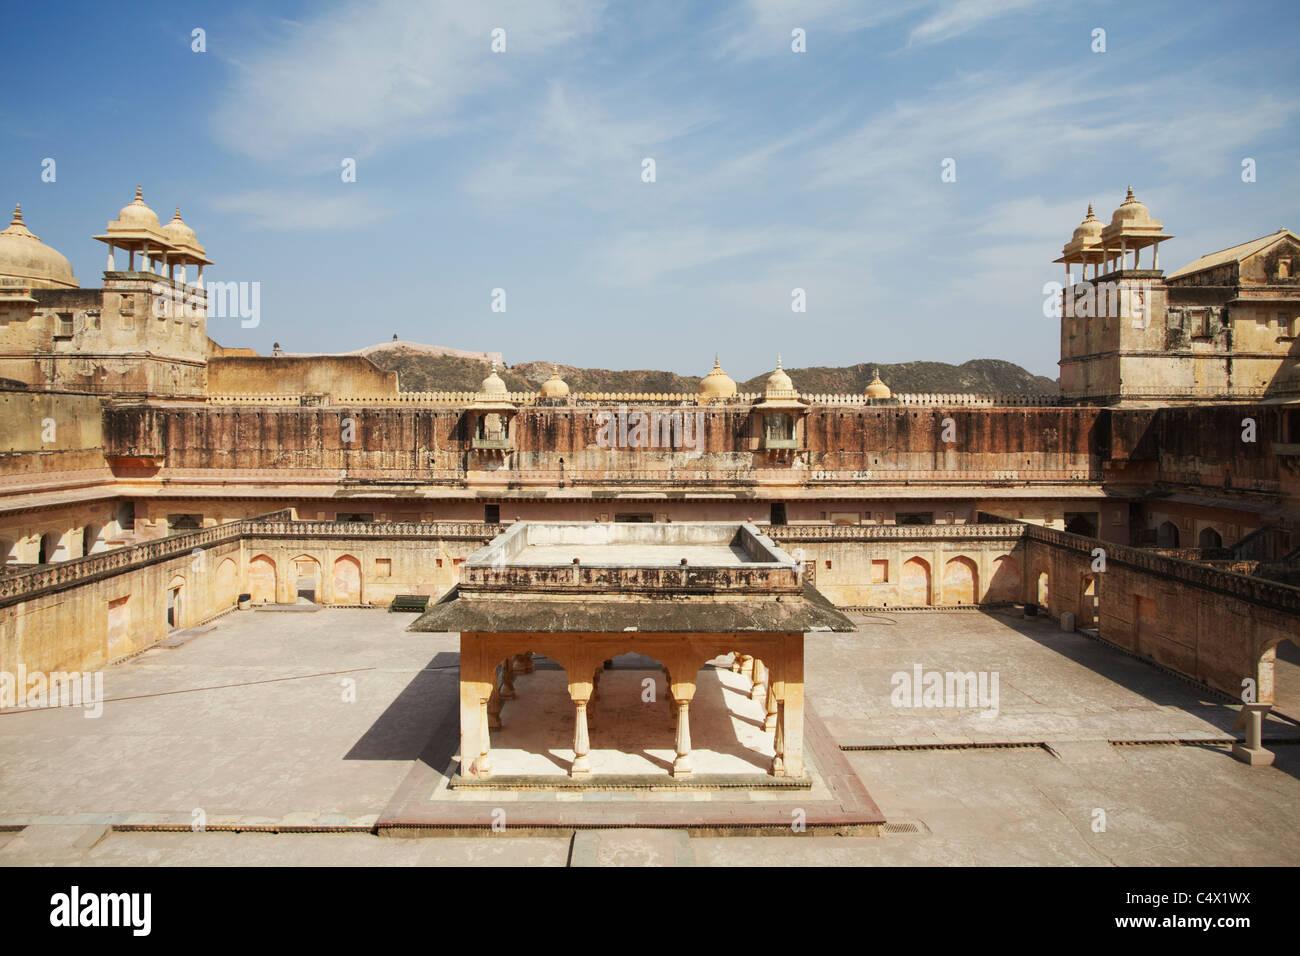 Cortile del Palazzo di Man Singh mi, Ambra Fort, Jaipur, Rajasthan, India Immagini Stock